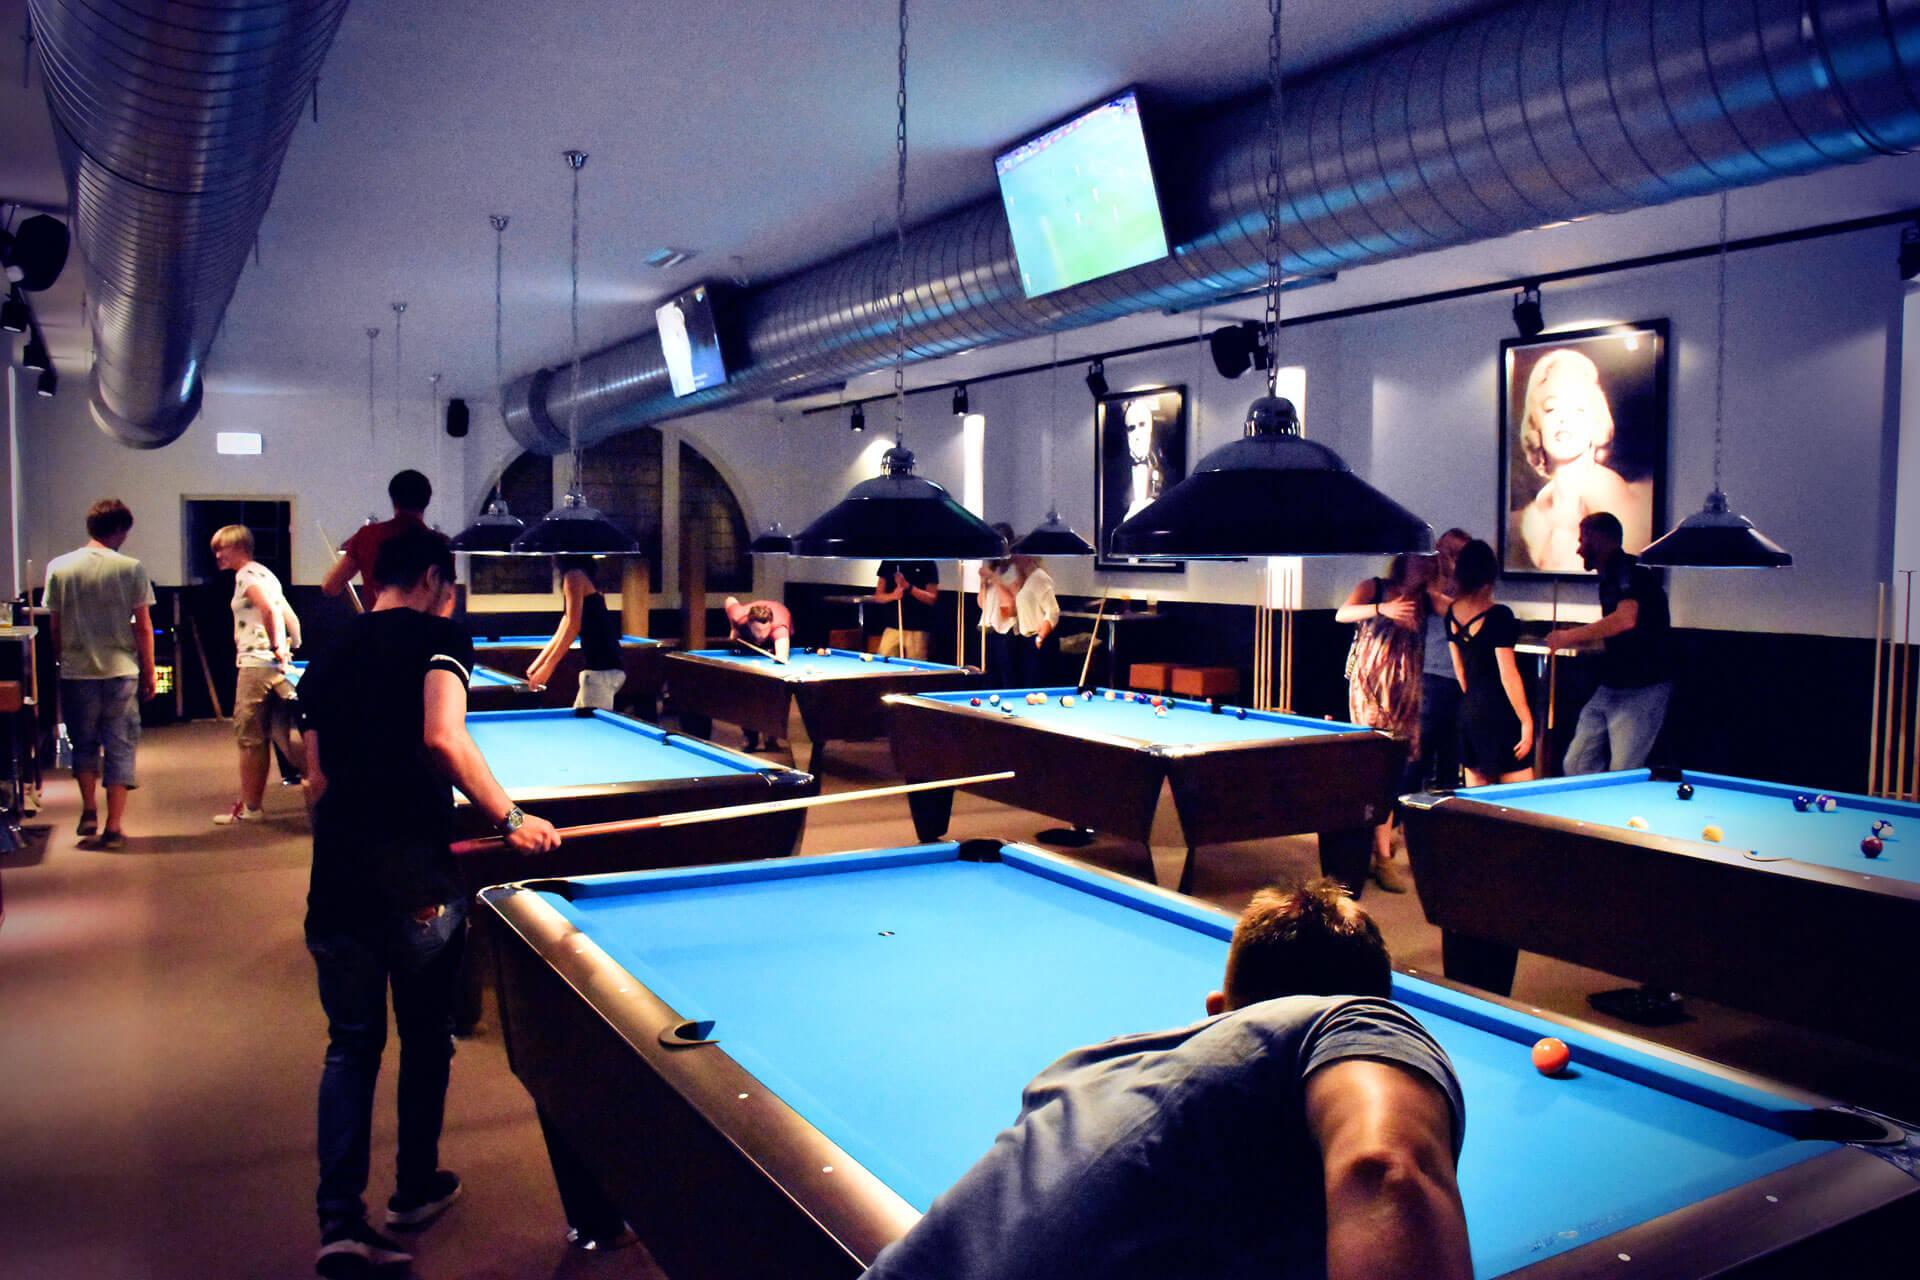 Poolcafé Hart Van Utrecht